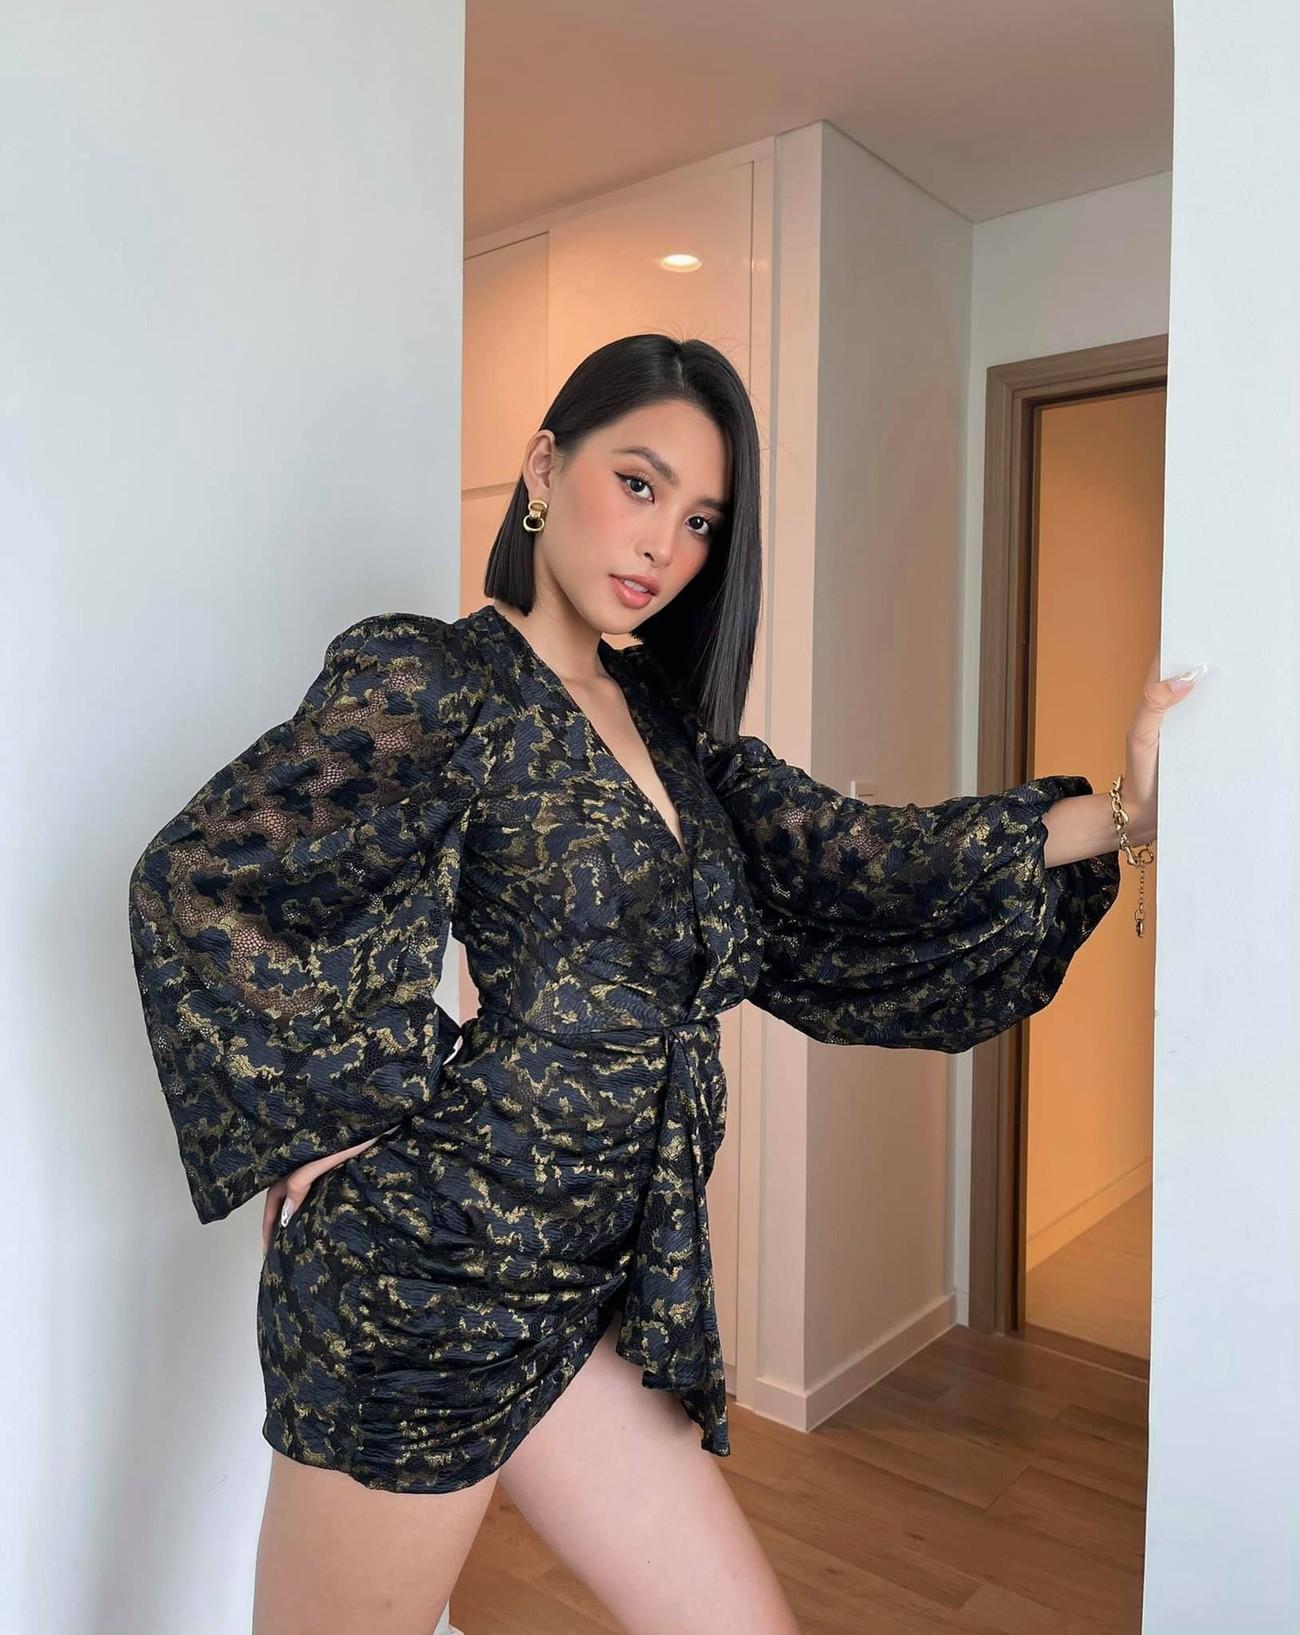 Nhan sắc 'thăng hạng' đầy nóng bỏng của Hoa hậu Tiểu Vy sau khi hết nhiệm kỳ ảnh 11